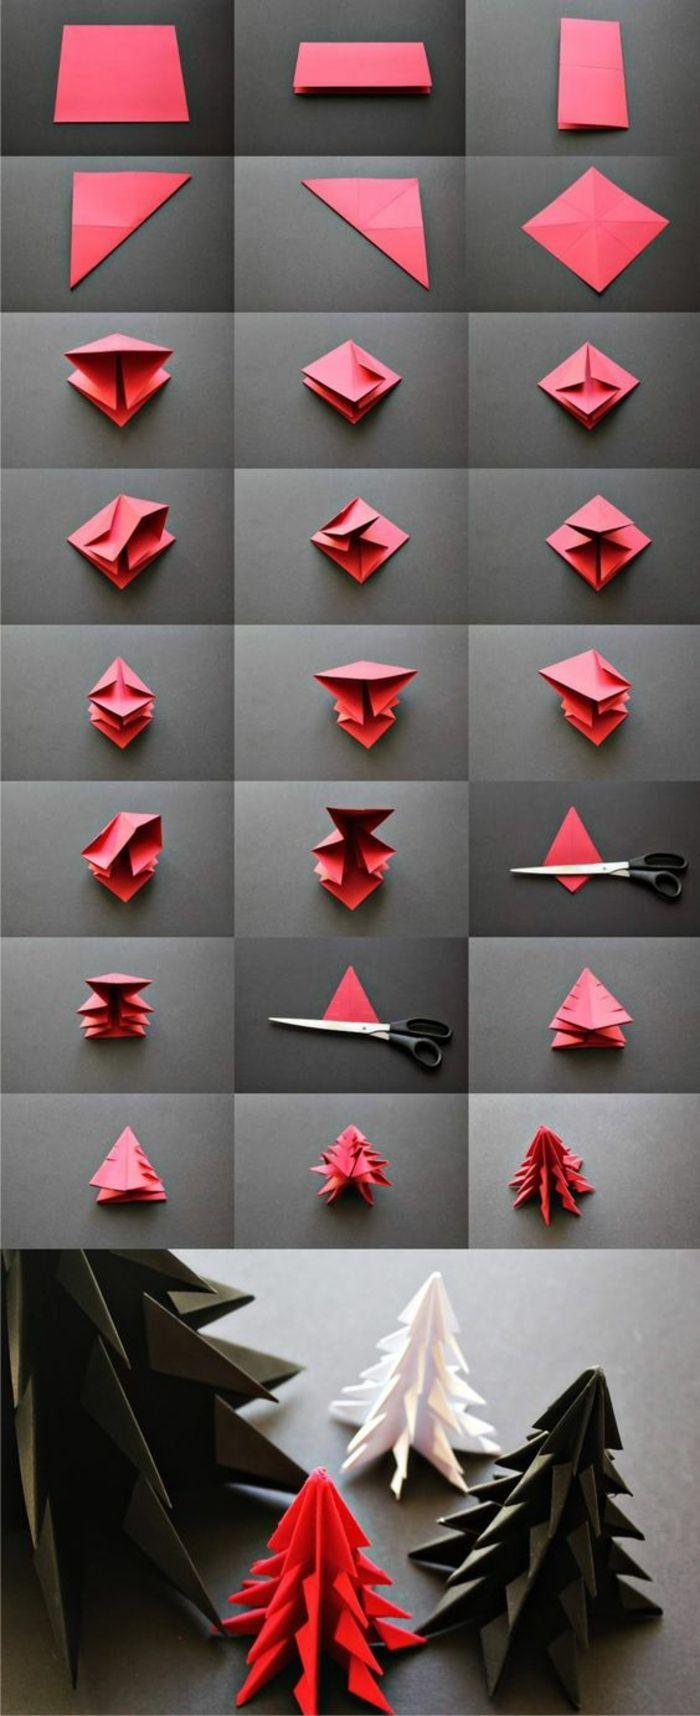 Décoration De Noël Sapin En Origami Technique De Pliage